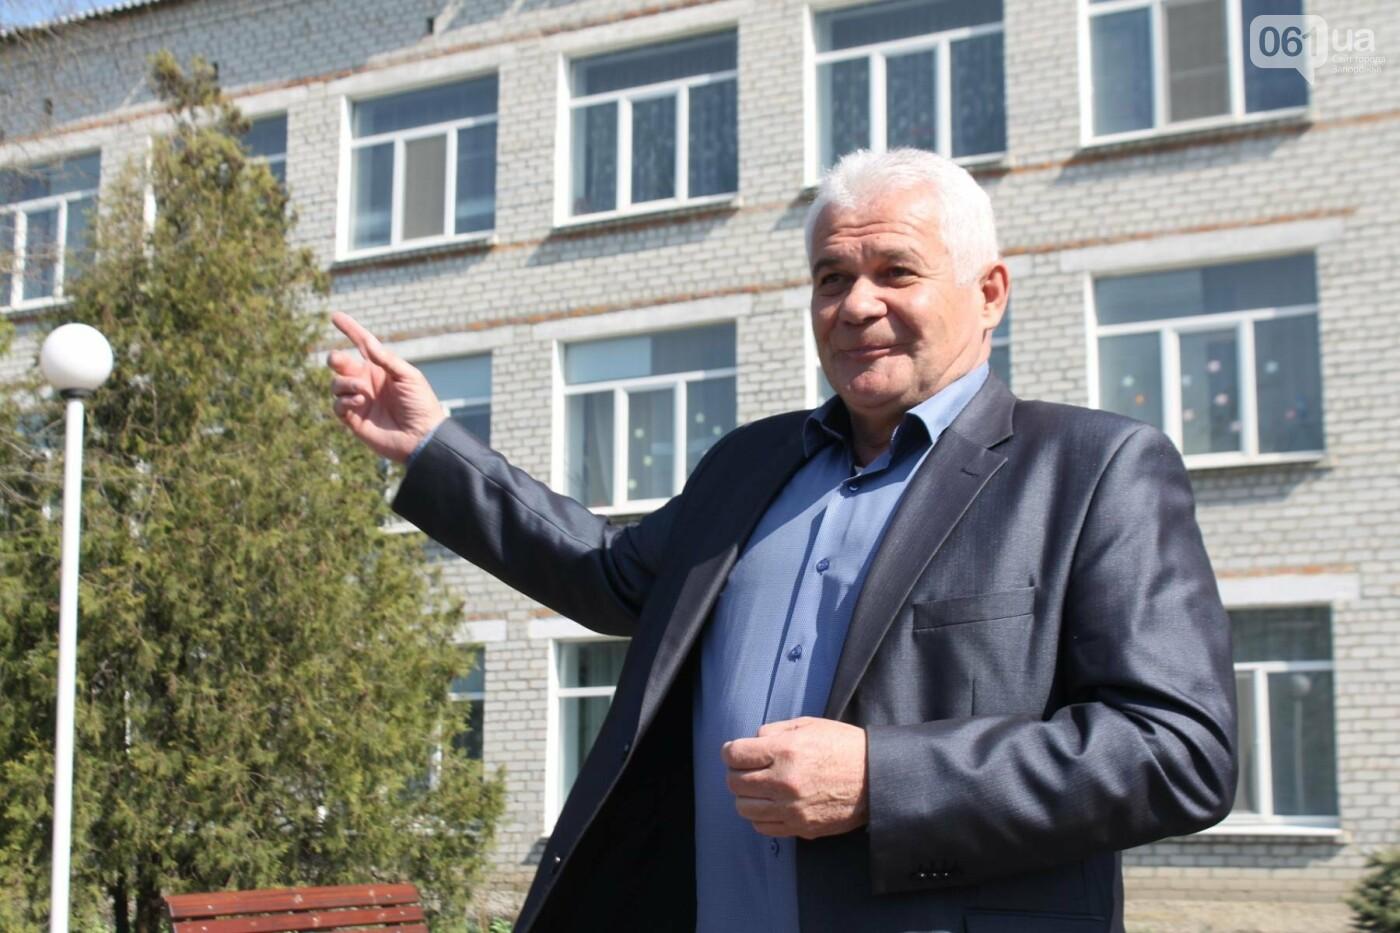 Запорожская громада, которую знают во всей Украине: каких успехов добилась Веселовская ОТГ, – ФОТОРЕПОРТАЖ, фото-1